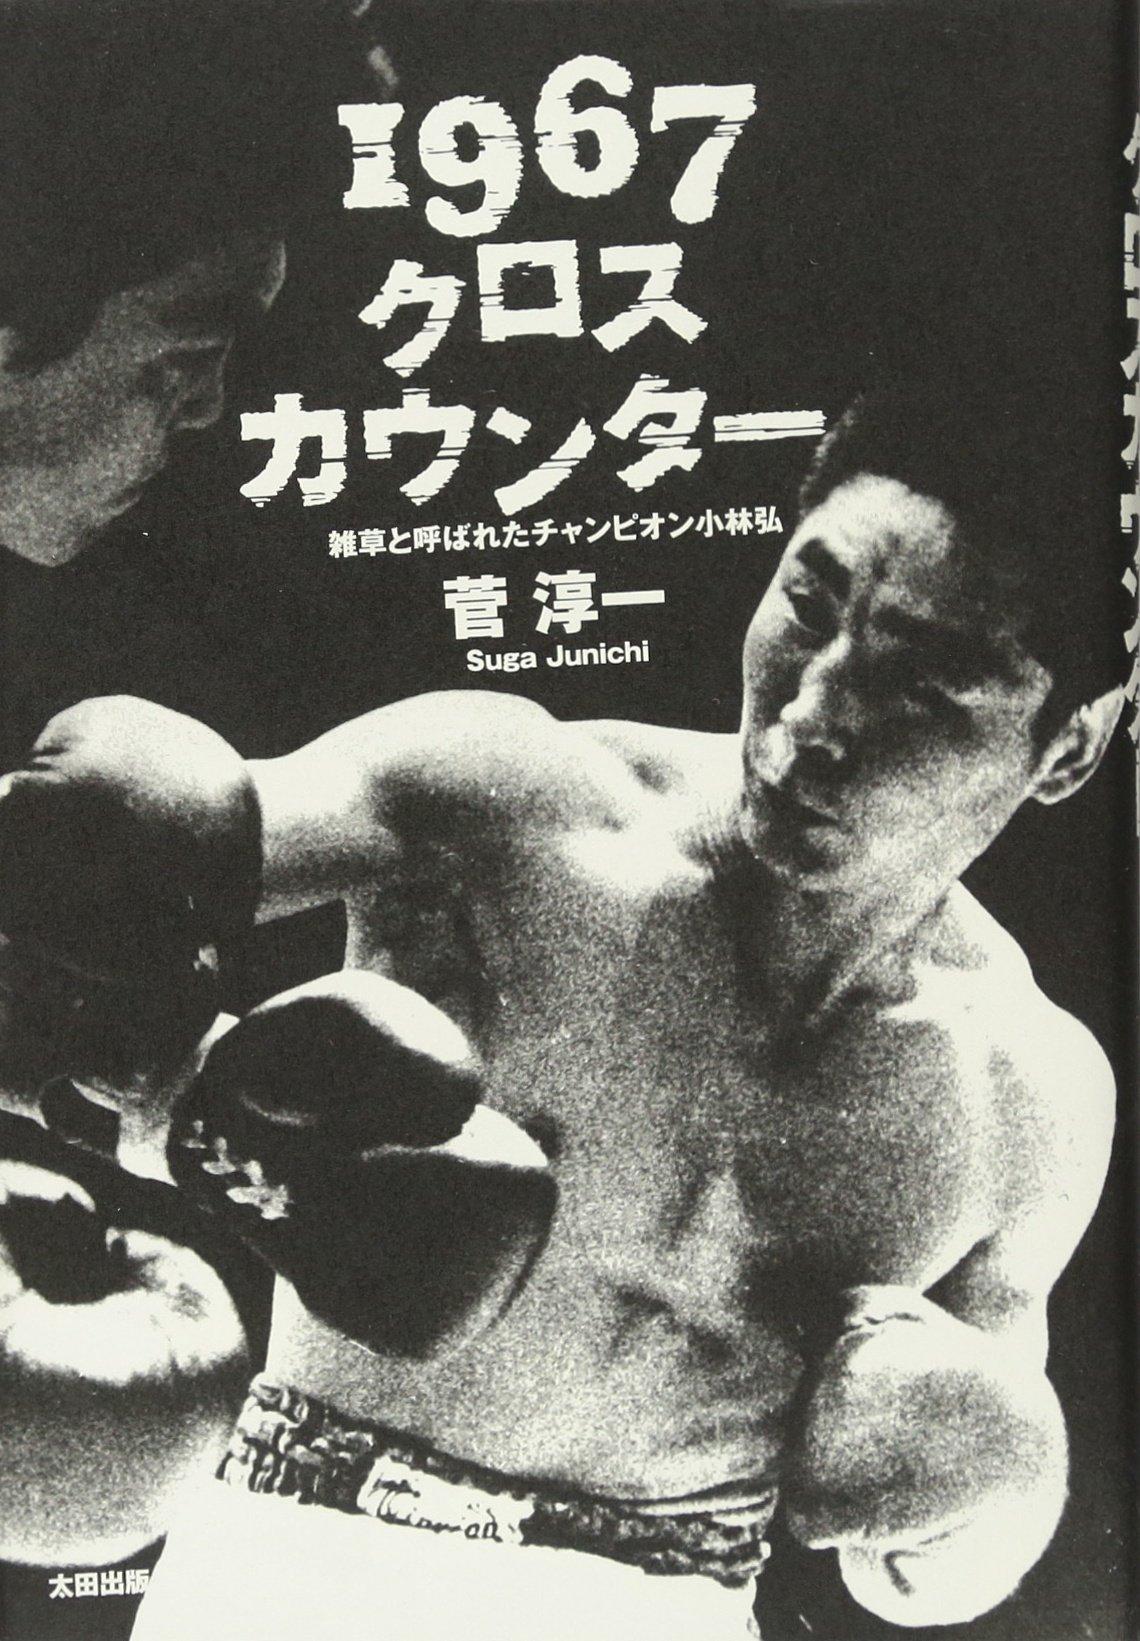 1967 kurosu kauntā : Zassō to yobareta chanpion kobayashi hiroshi pdf epub